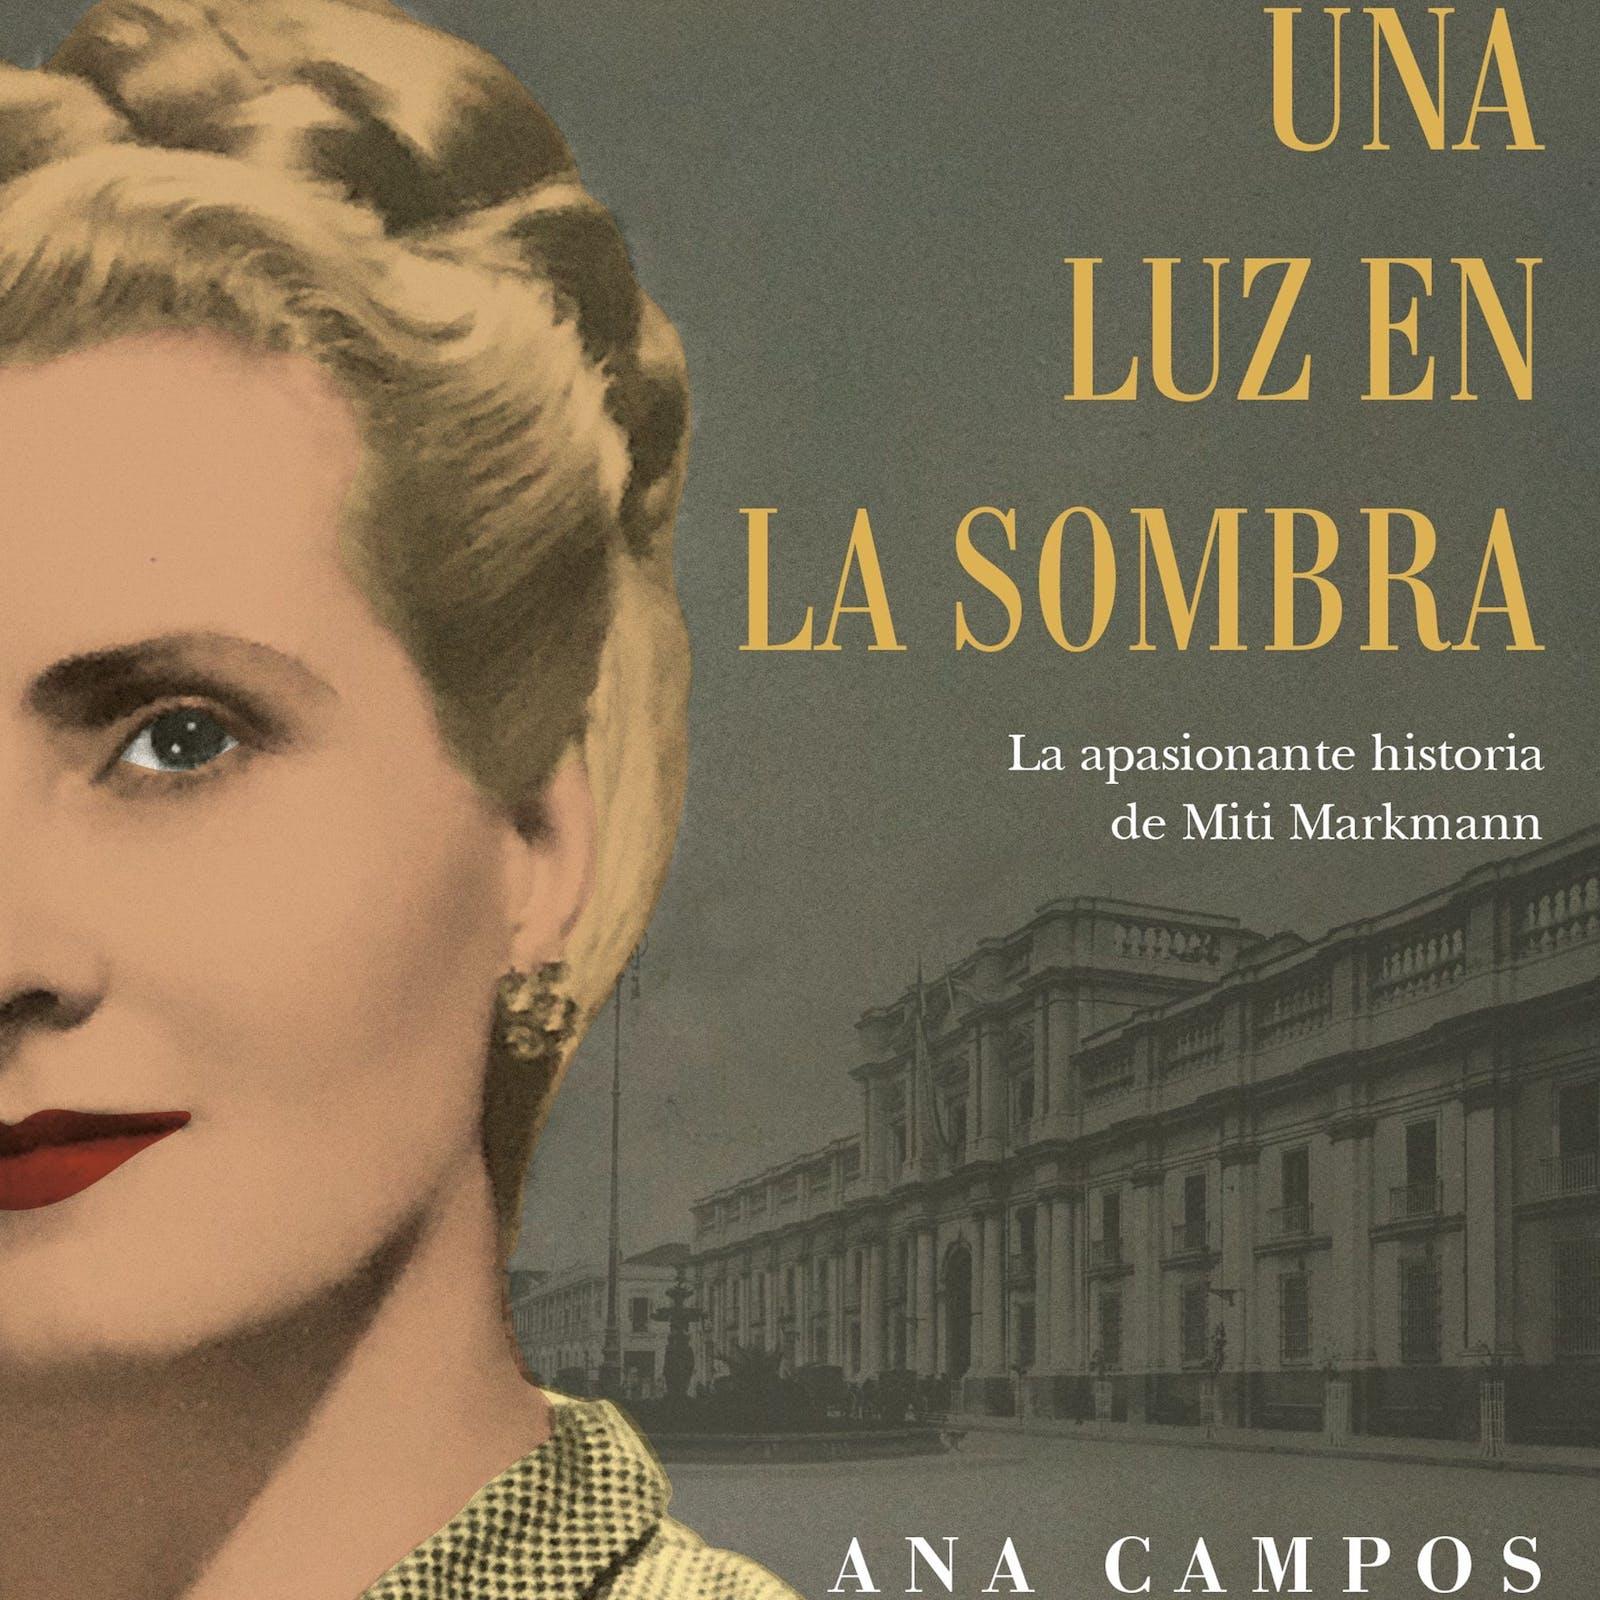 Ana Campos y su biografía de Miti Markmann